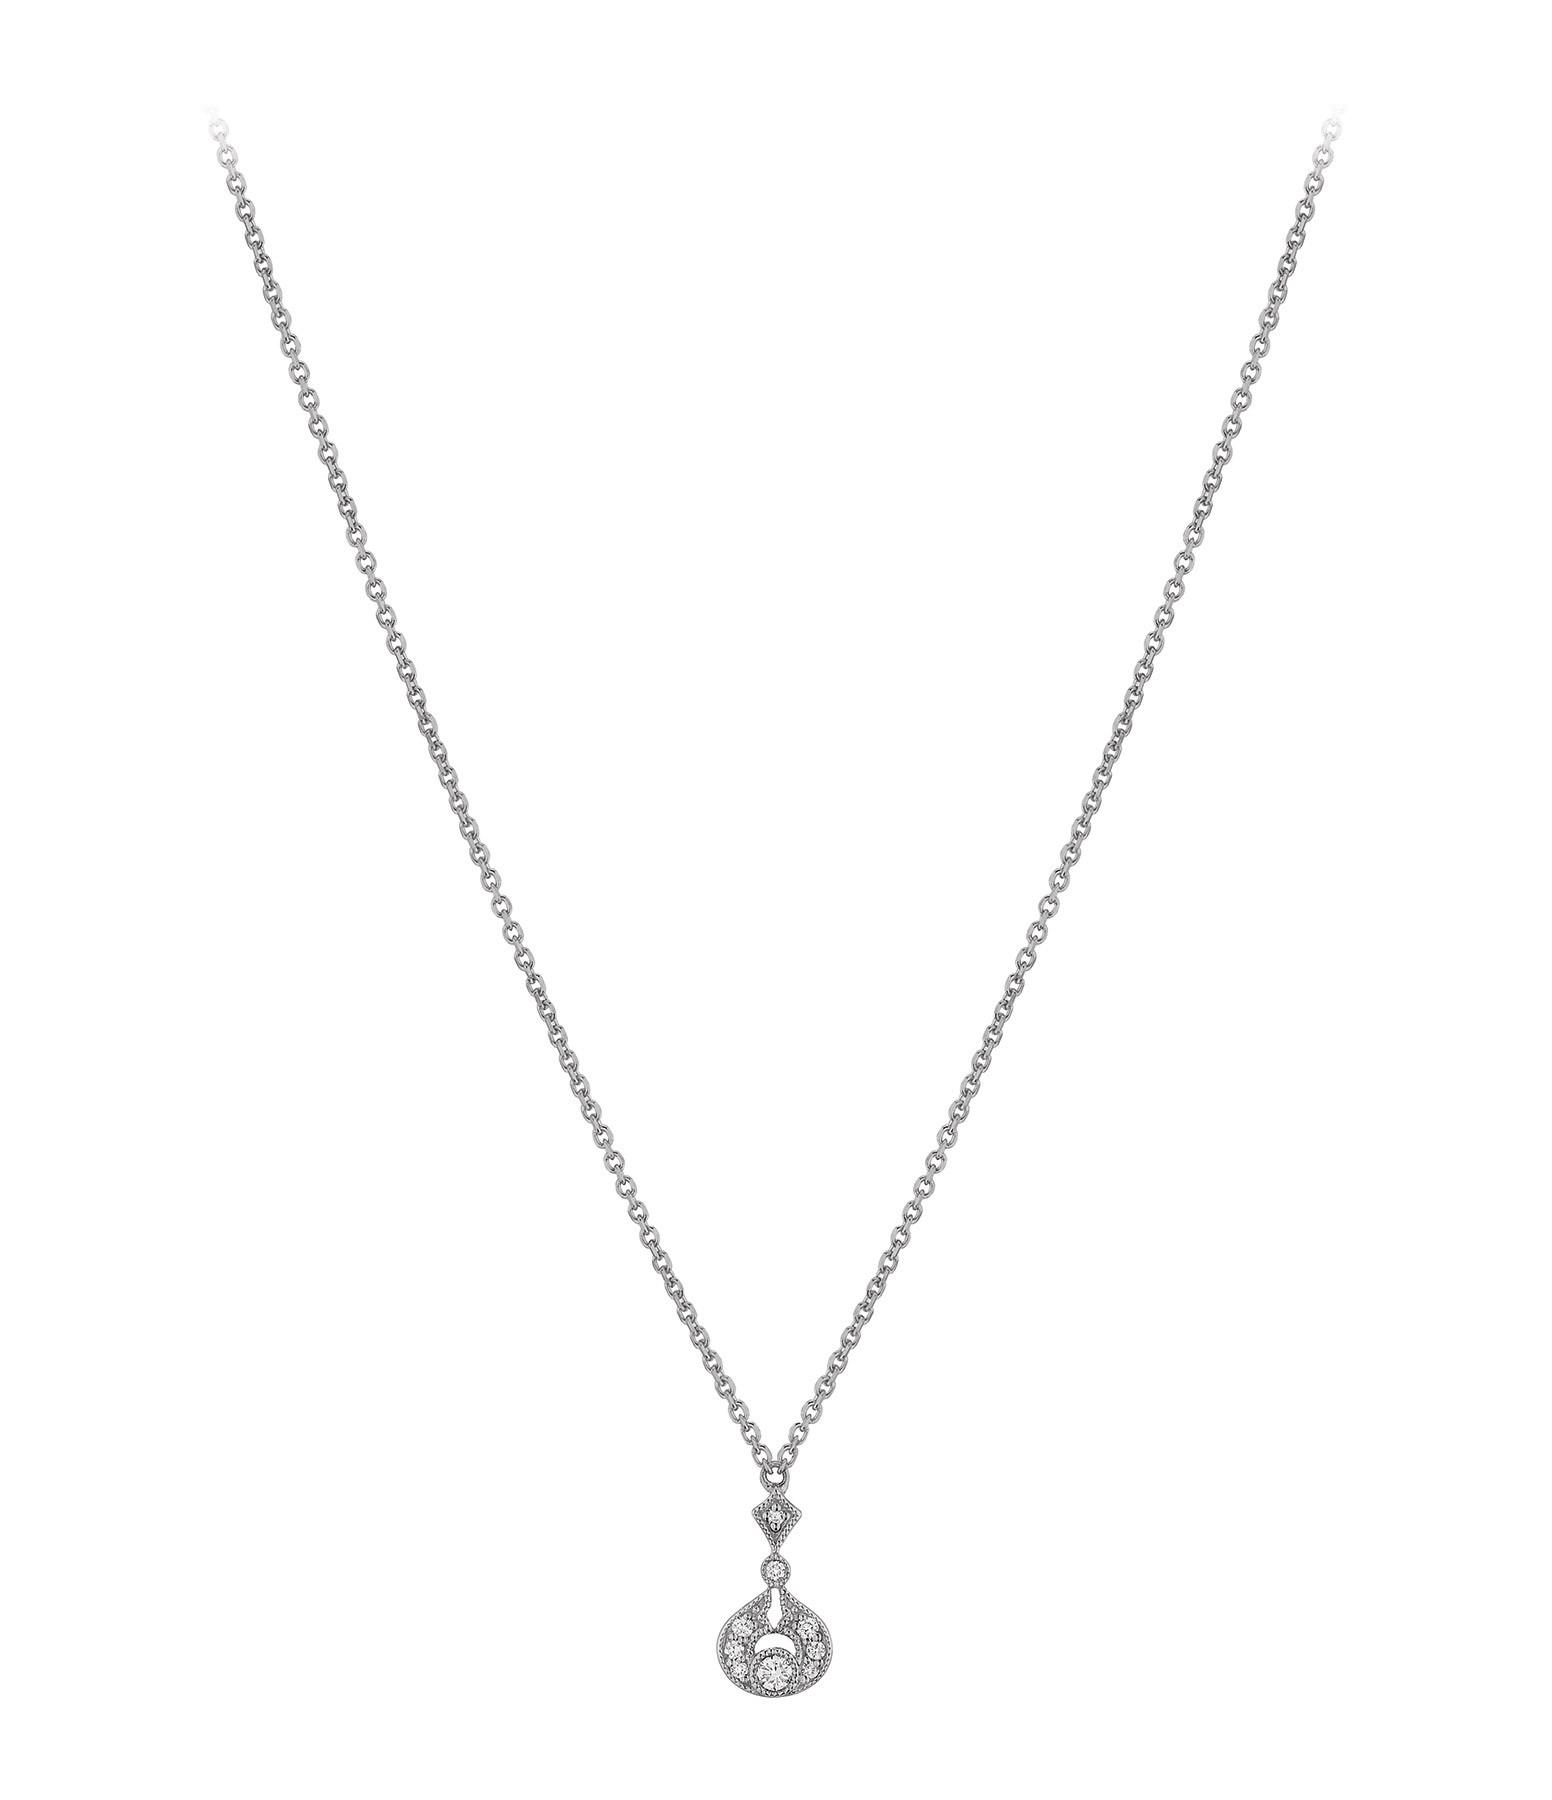 STONE PARIS - Collier Rêveuse Diamants Or Noir